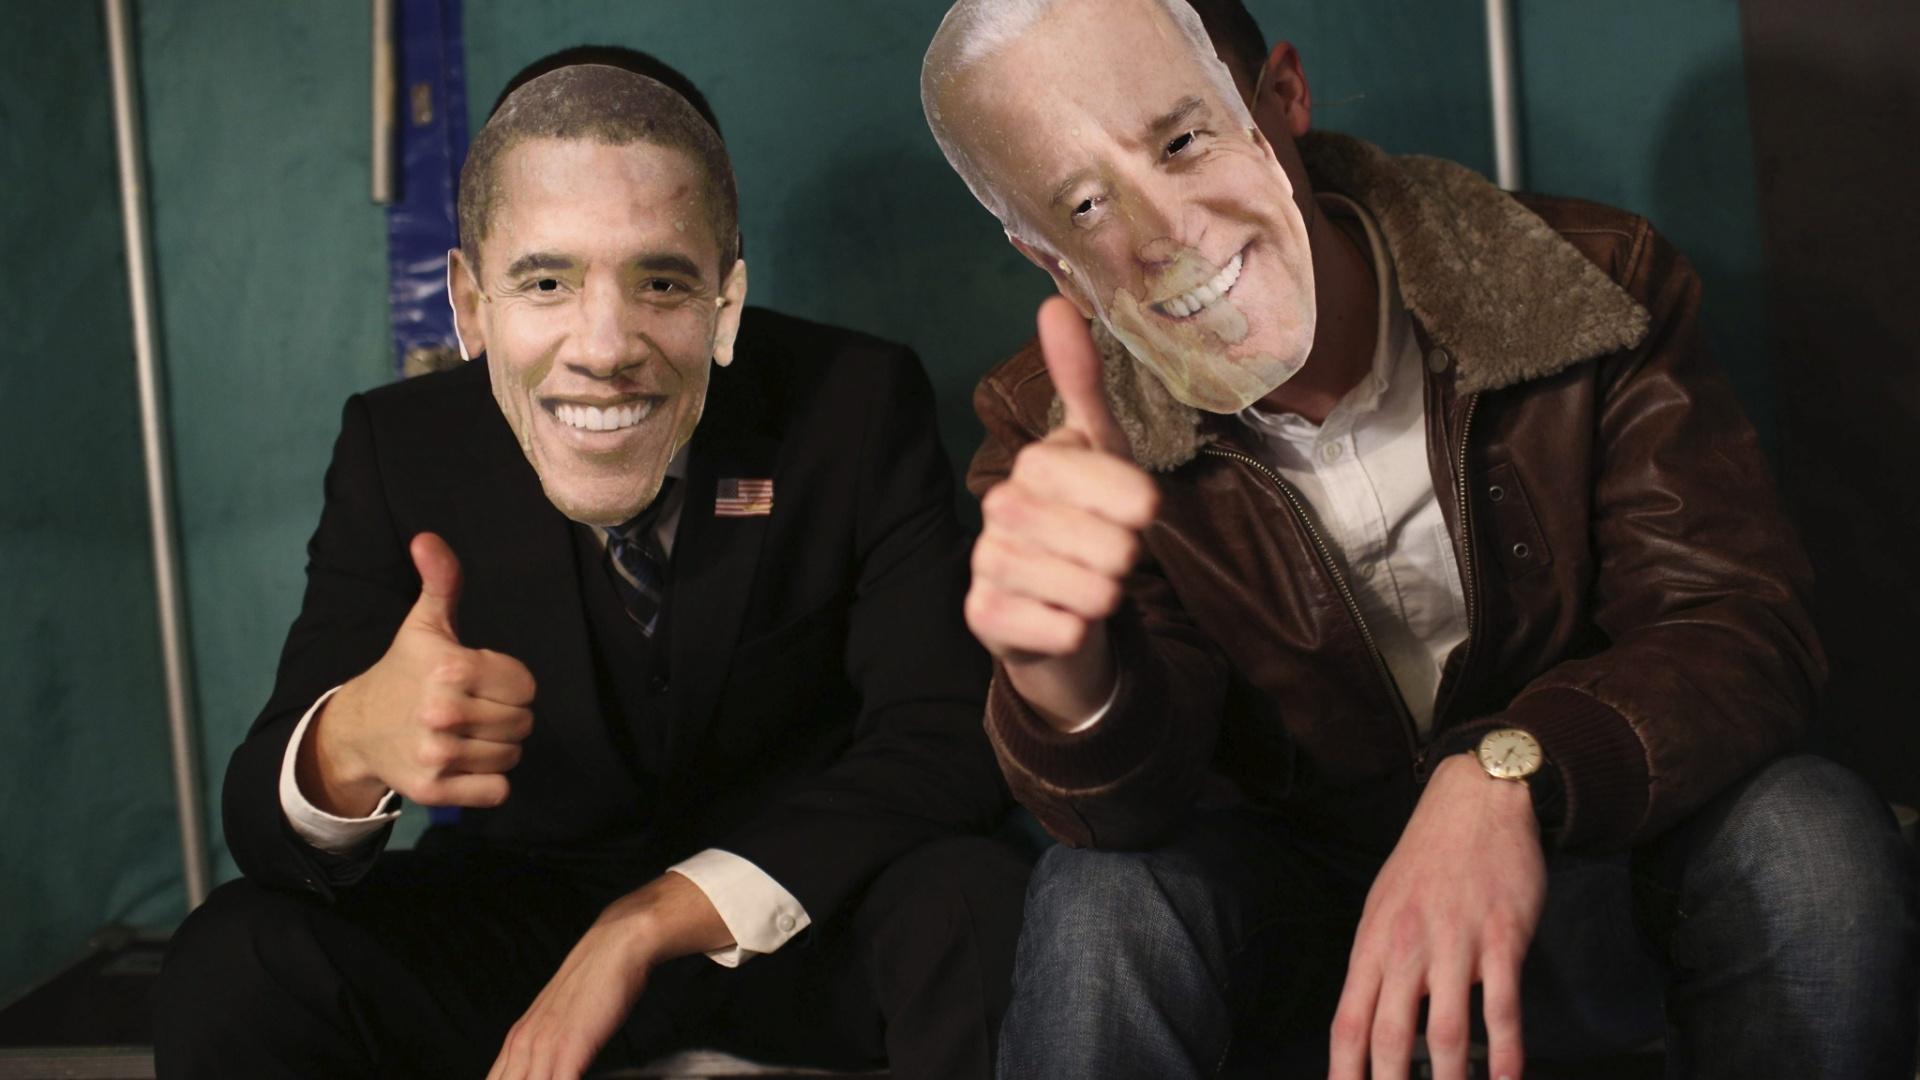 7.nov.2012 - Homens posam com máscaras do presidente e vice-presidente reeleitos dos Estados Unidos, Barack Obama e Joe Biden, em festa em Berlim, na Alemanha. Os democratas venceram os candidatos republicanos Mitt Romney e Paul Ryan nesta quarta-feira